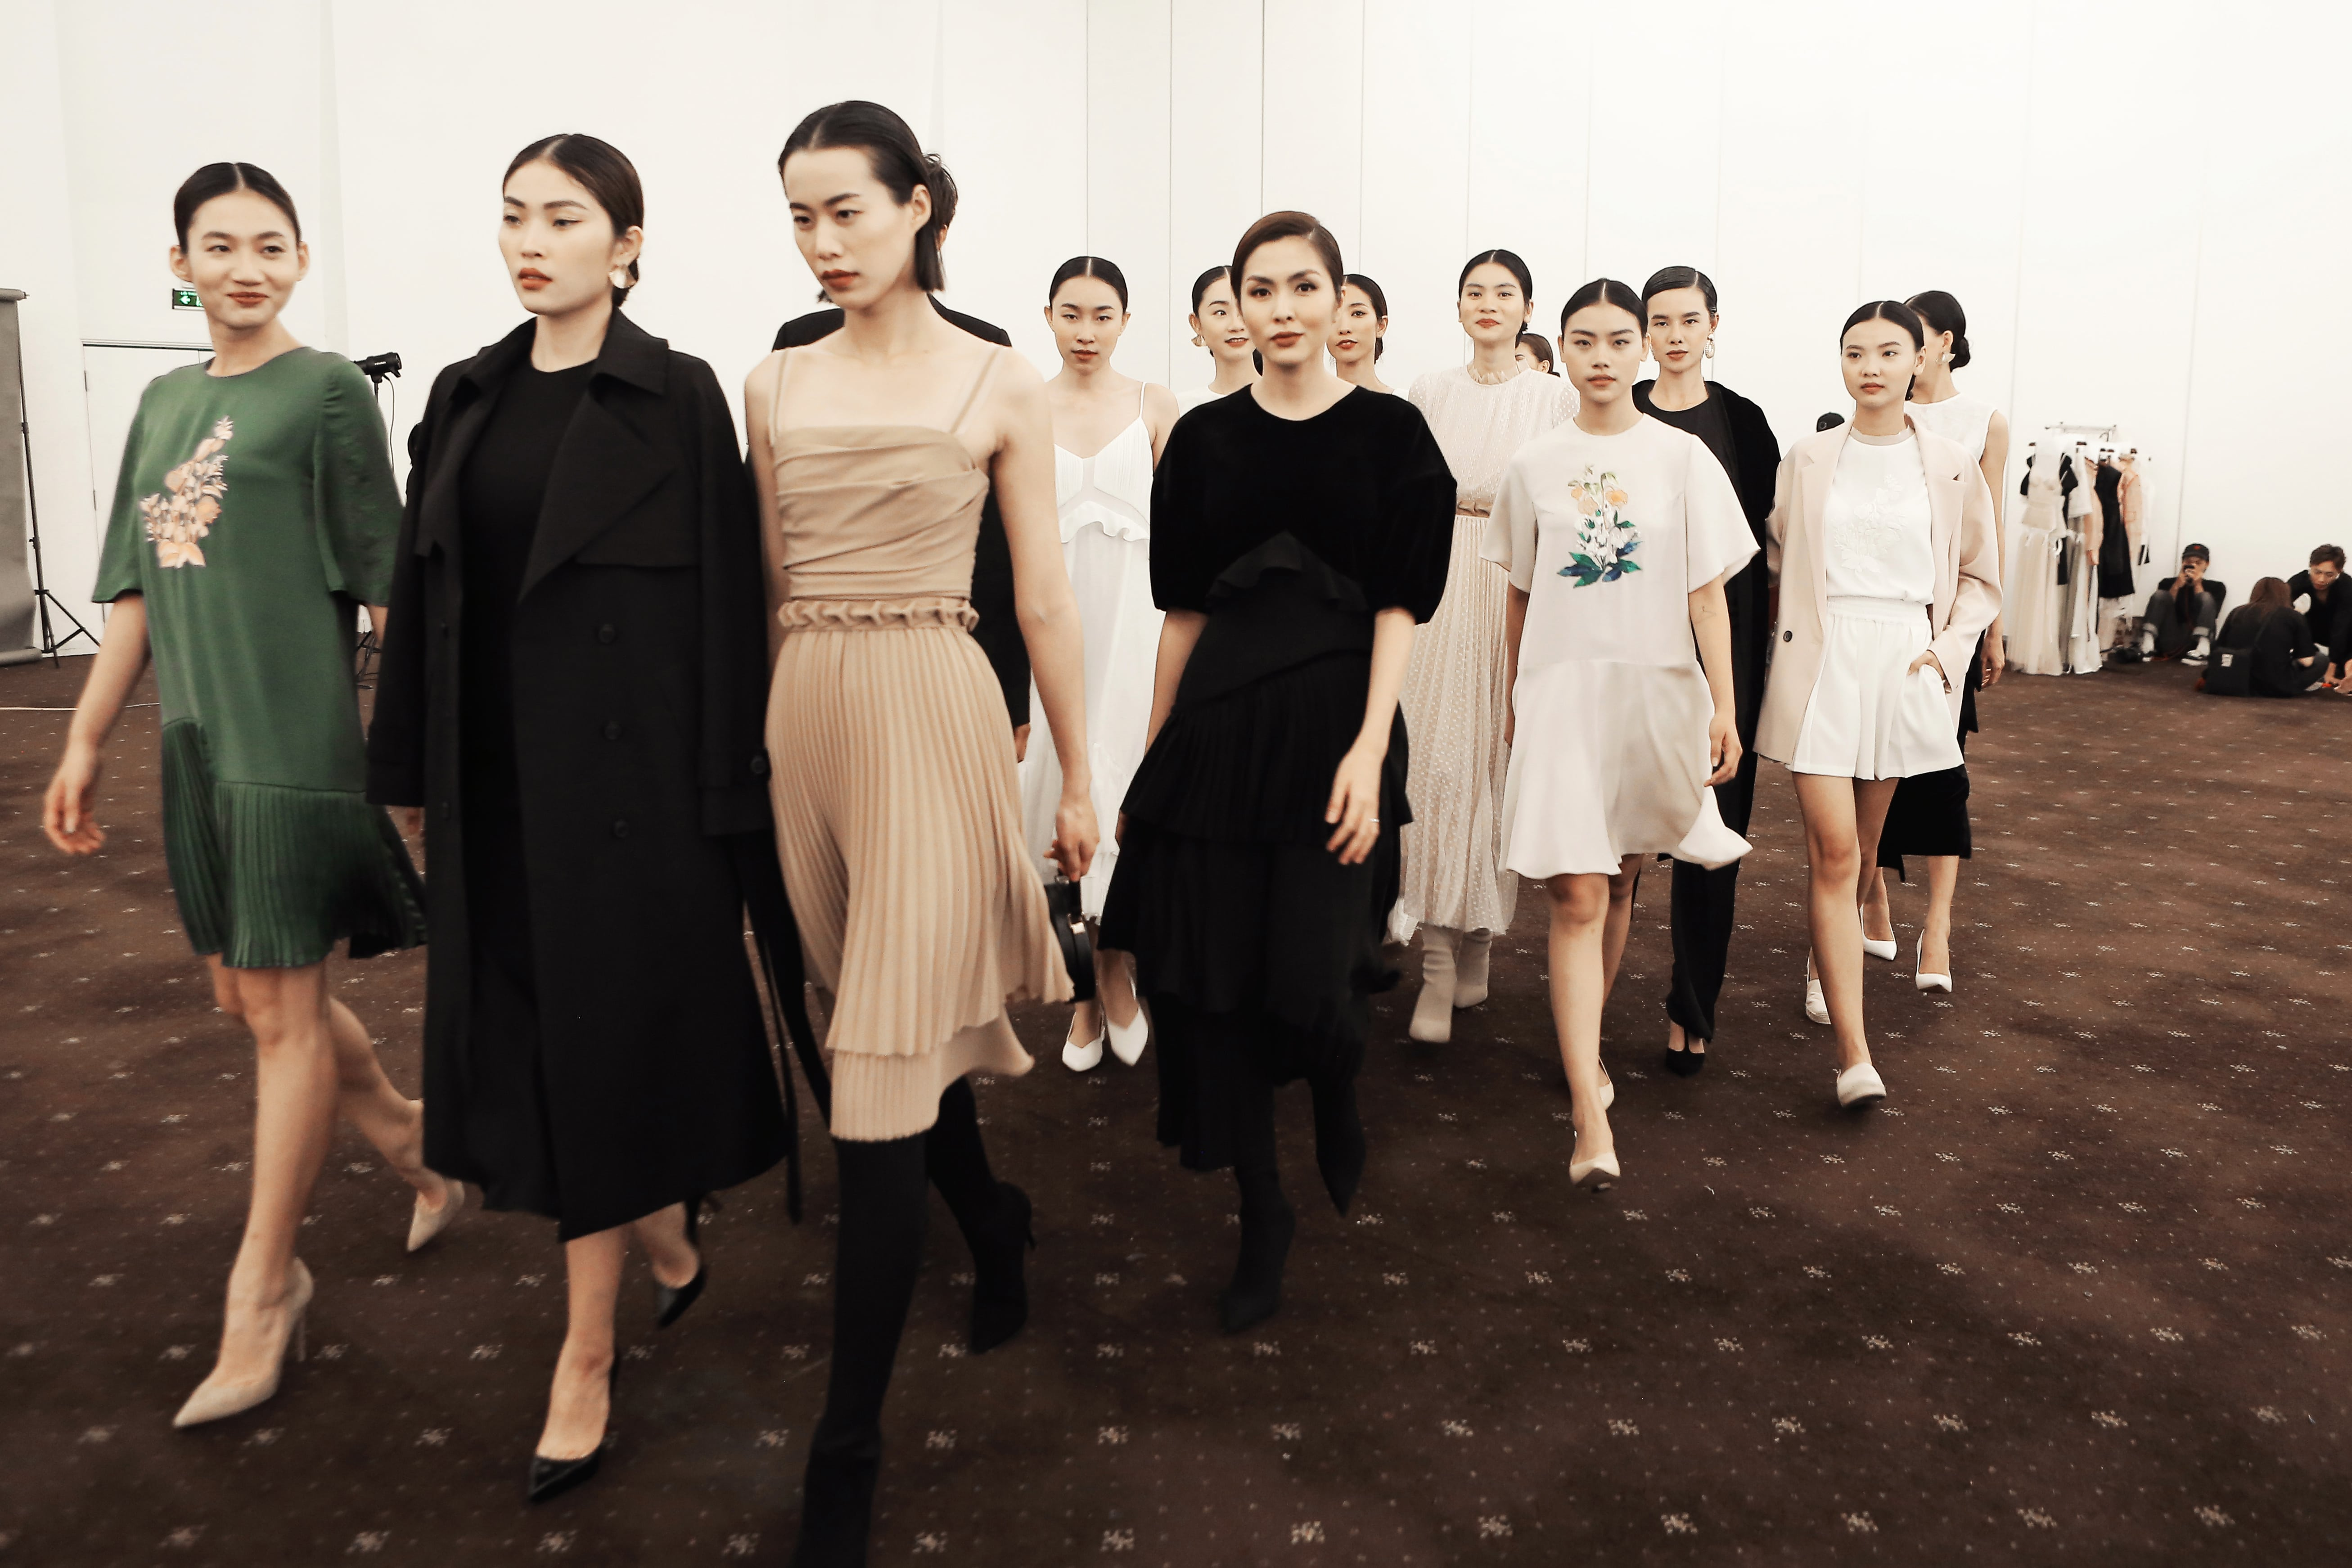 Tối 11/12, đêm runway show của ELLE Fashion Journey 2018 đã diễn ra tại Tp.HCM, thu hút sự quan tâm đặc biệt của giới yêu thời trang và các NTK, nghệ sĩ nổi tiếng trong nước. Tăng Thanh Hà là 1 trong 6 nhà thiết kế giới thiệu BST mới nhất xoay quanh chủ đề Thời trang cho tương lai.